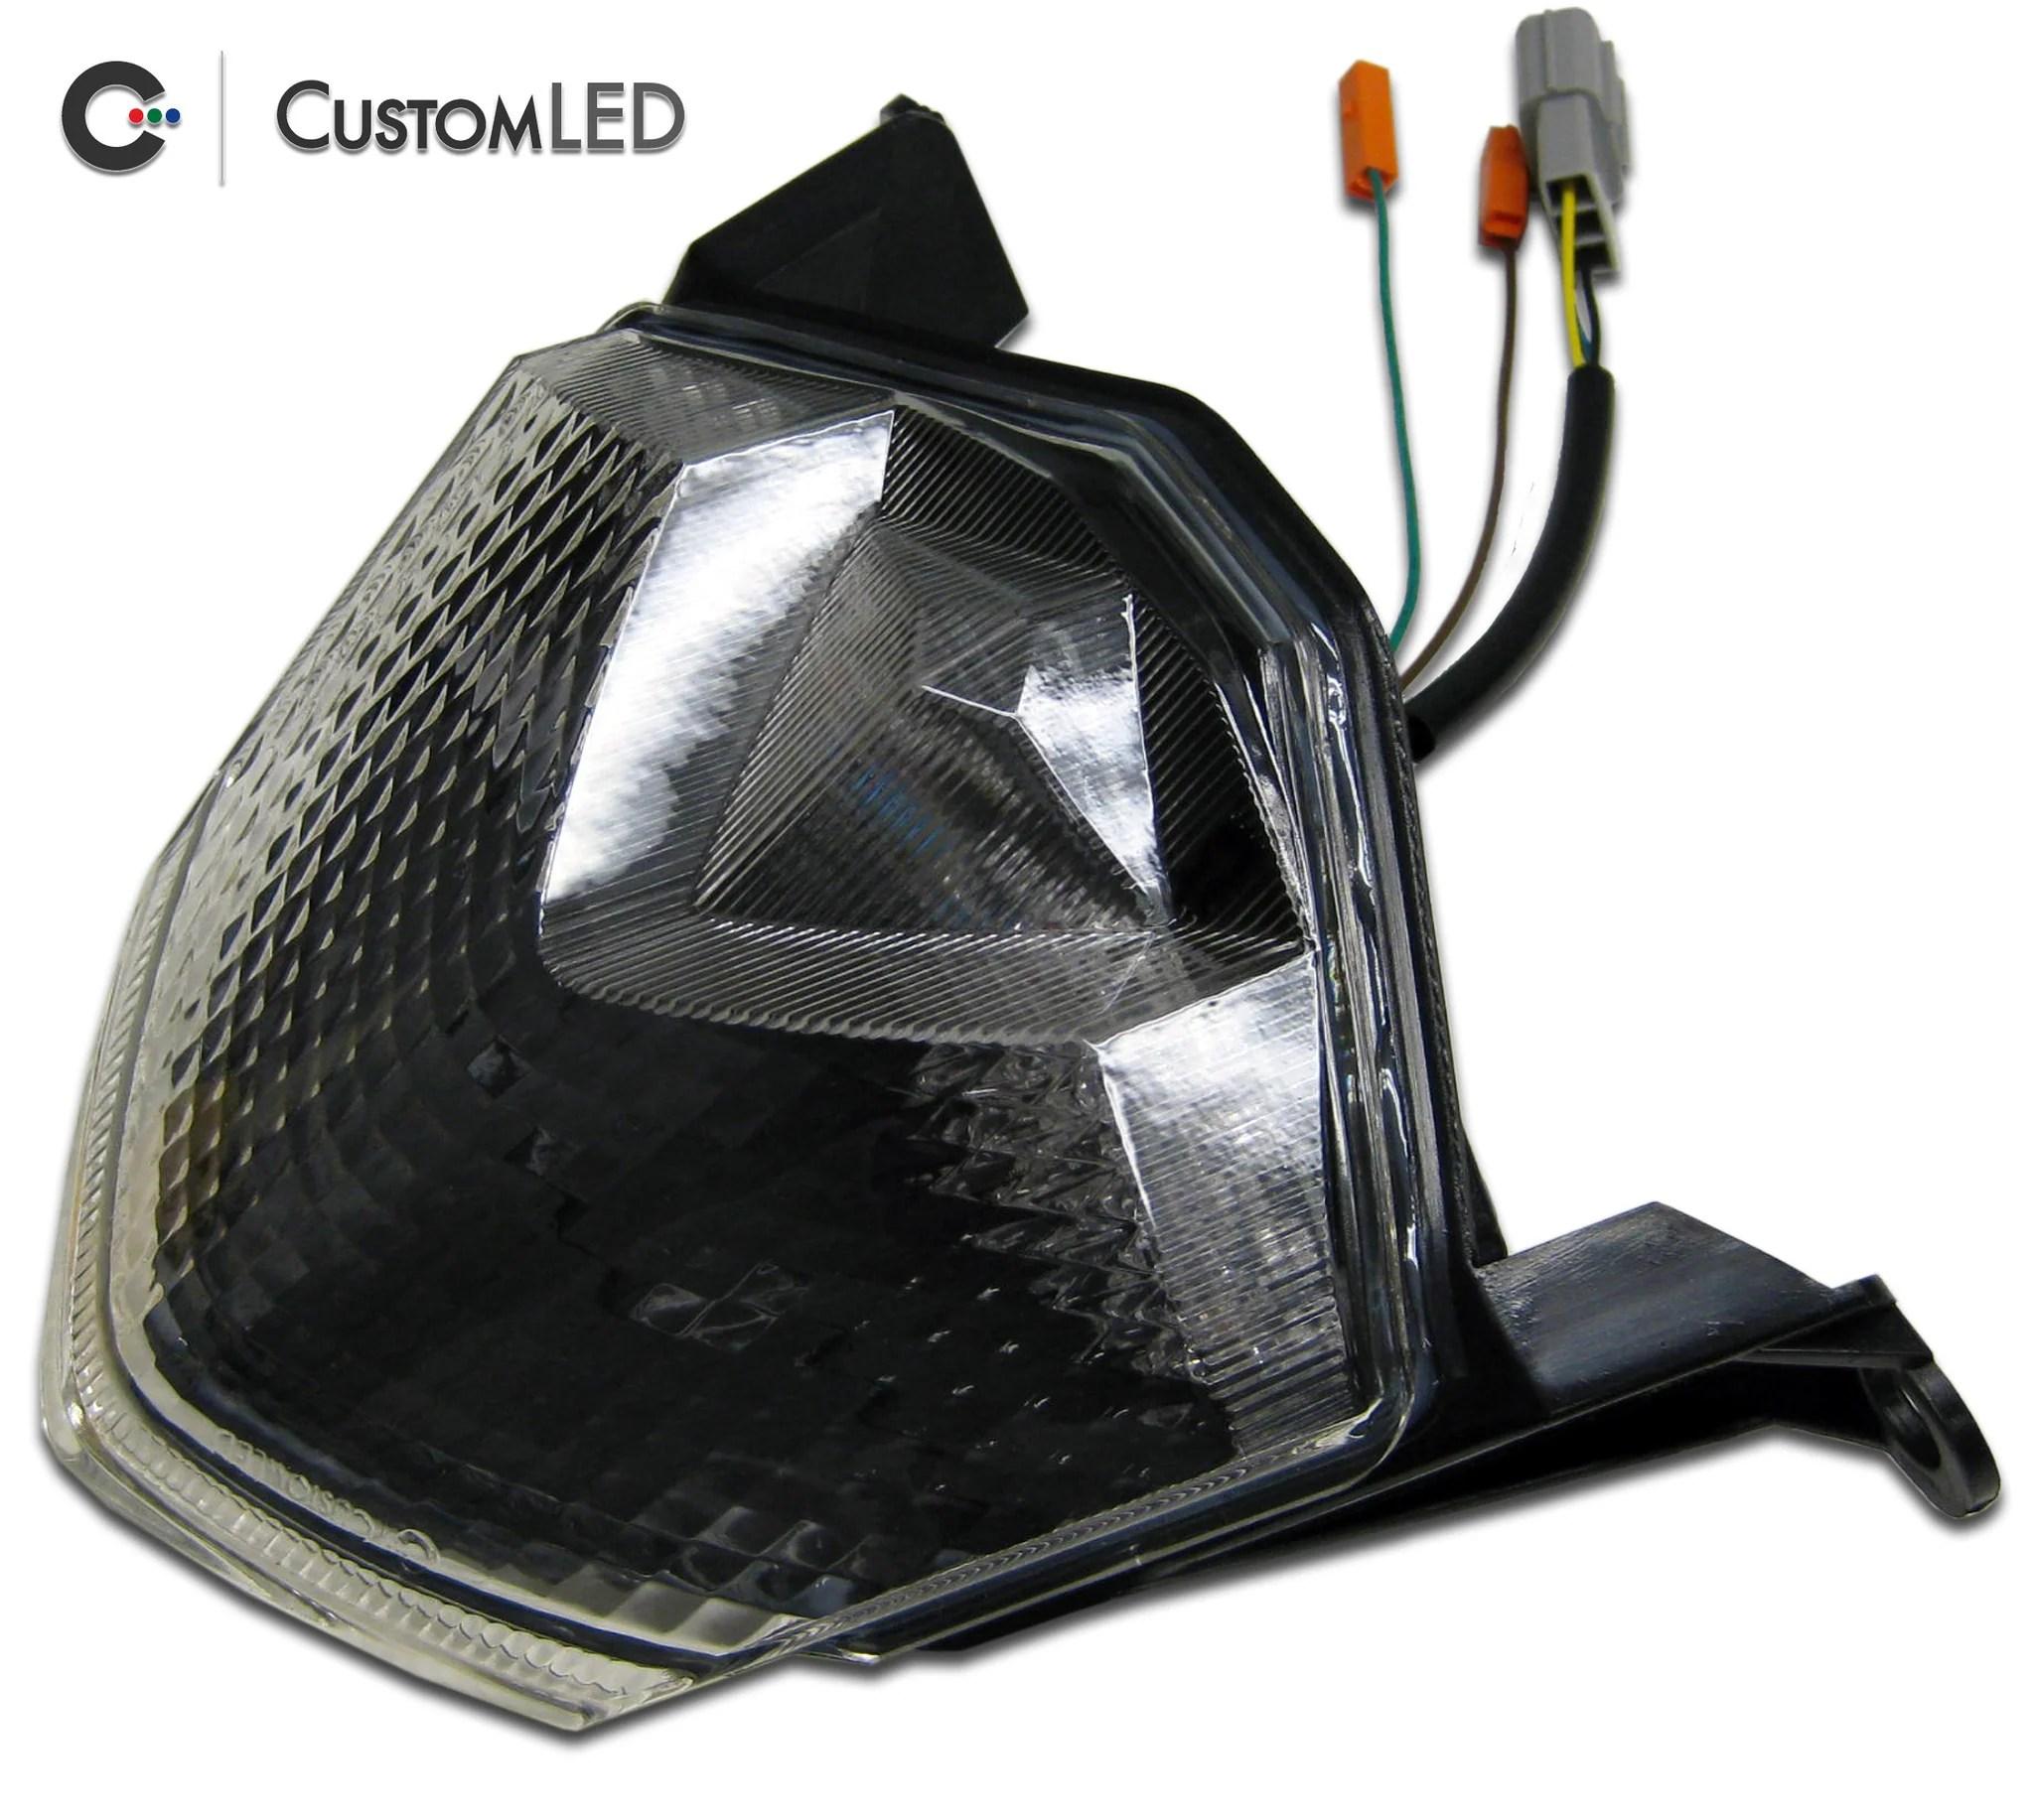 kawasaki ninja zx 10r blaster x integrated led tail light for years 2008 2009 [ 2048 x 1833 Pixel ]